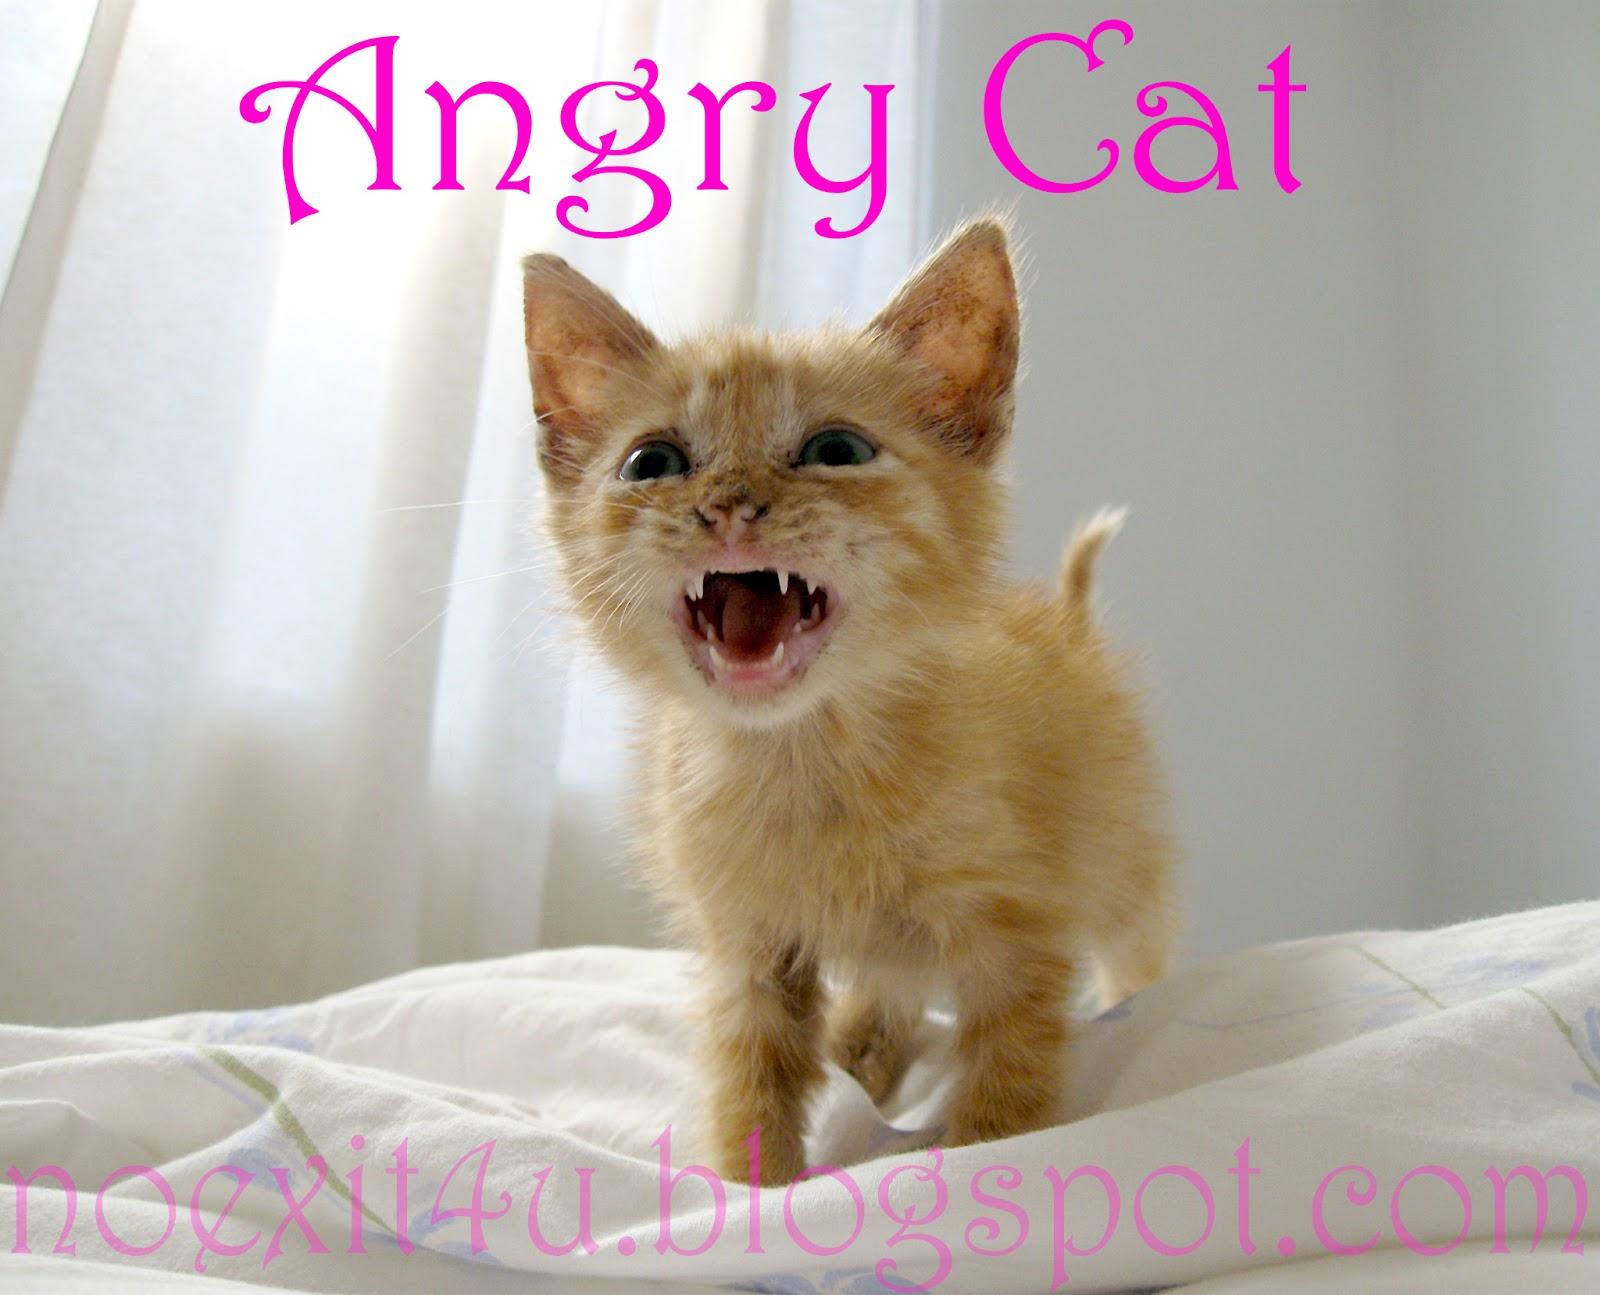 HD ANGRY CAT WALLPAPER ~ noexit4u.com